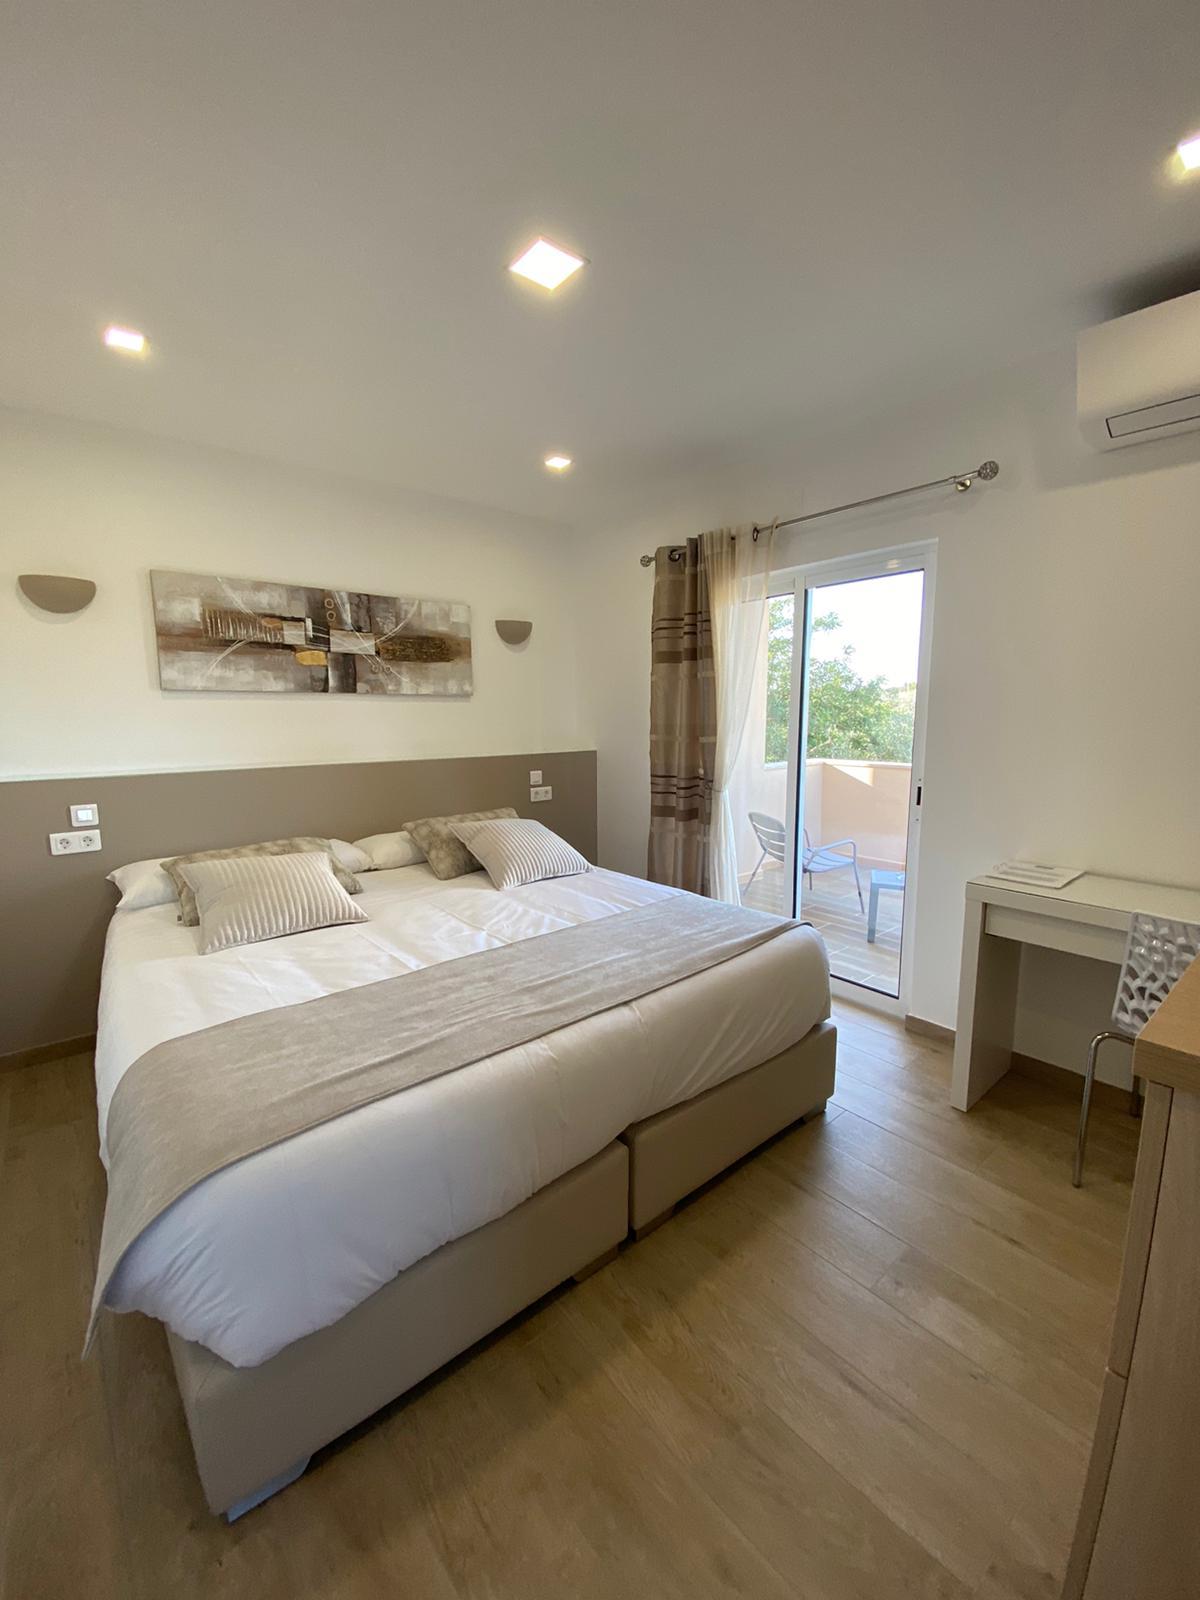 Holiday apartments and villas for rent, Villa L'Estaque , chambres d'hôtes in Armação de Pêra, Portugal Algarve, REF_IMG_15648_15652